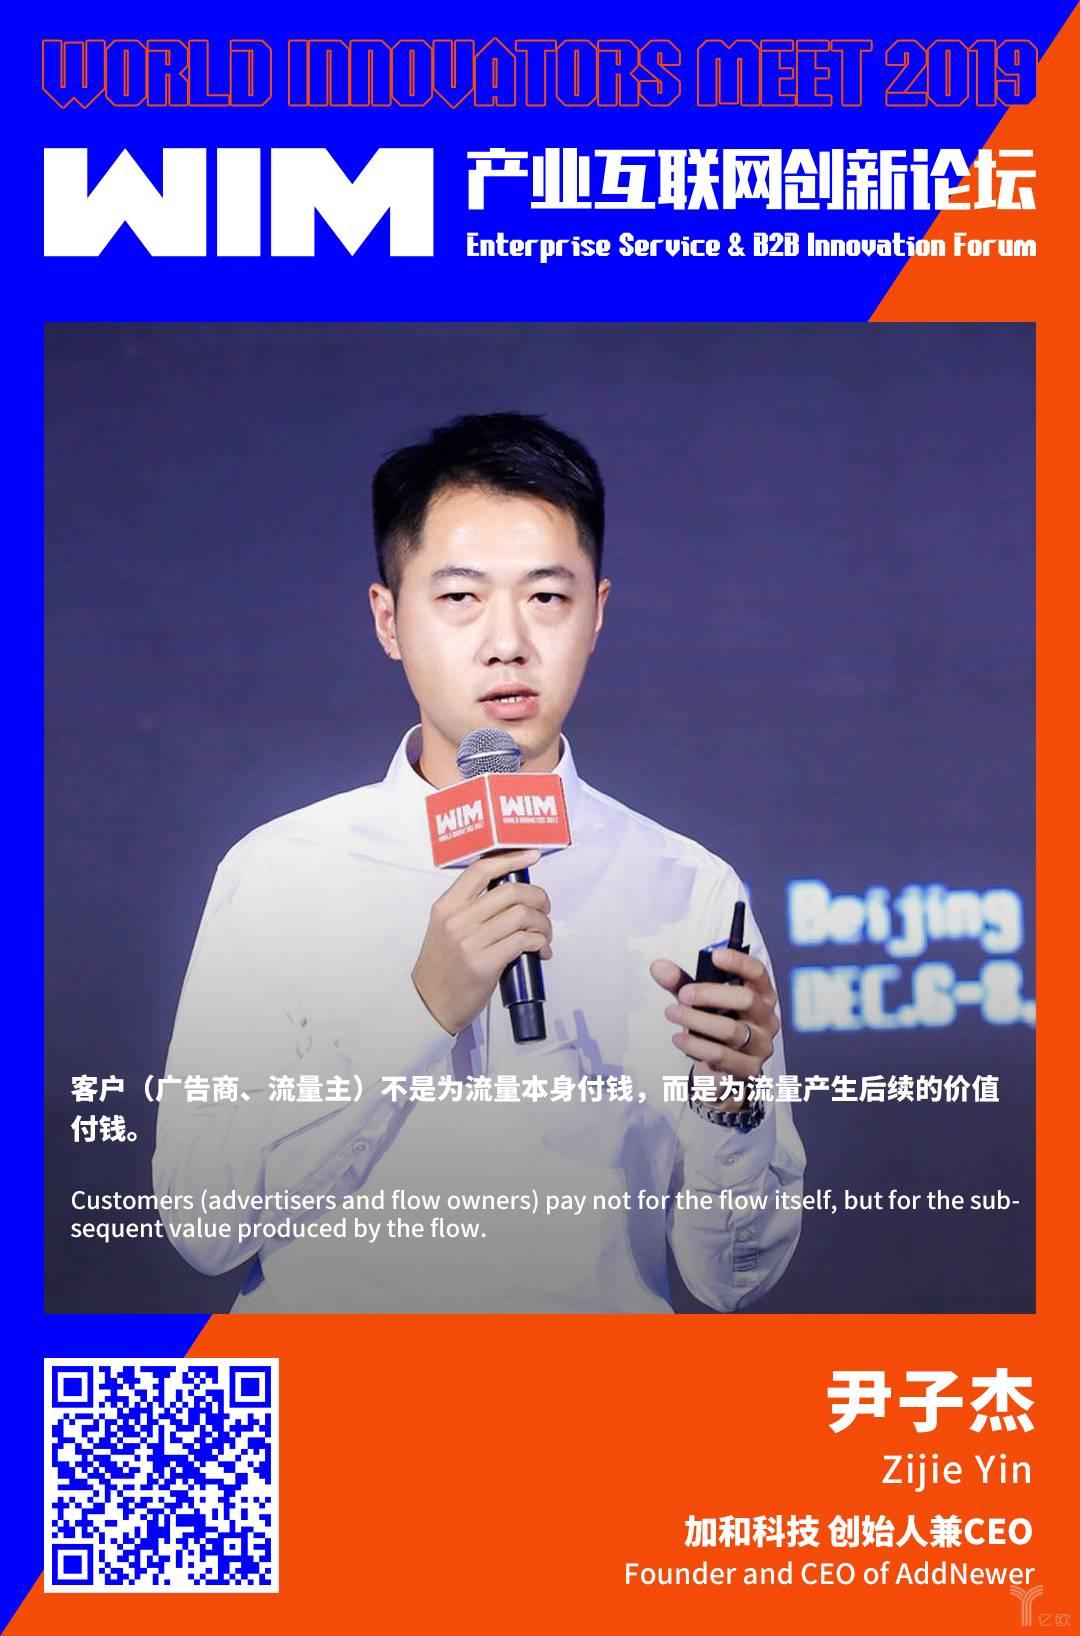 加和科技创始人兼CEO尹子杰.jpg